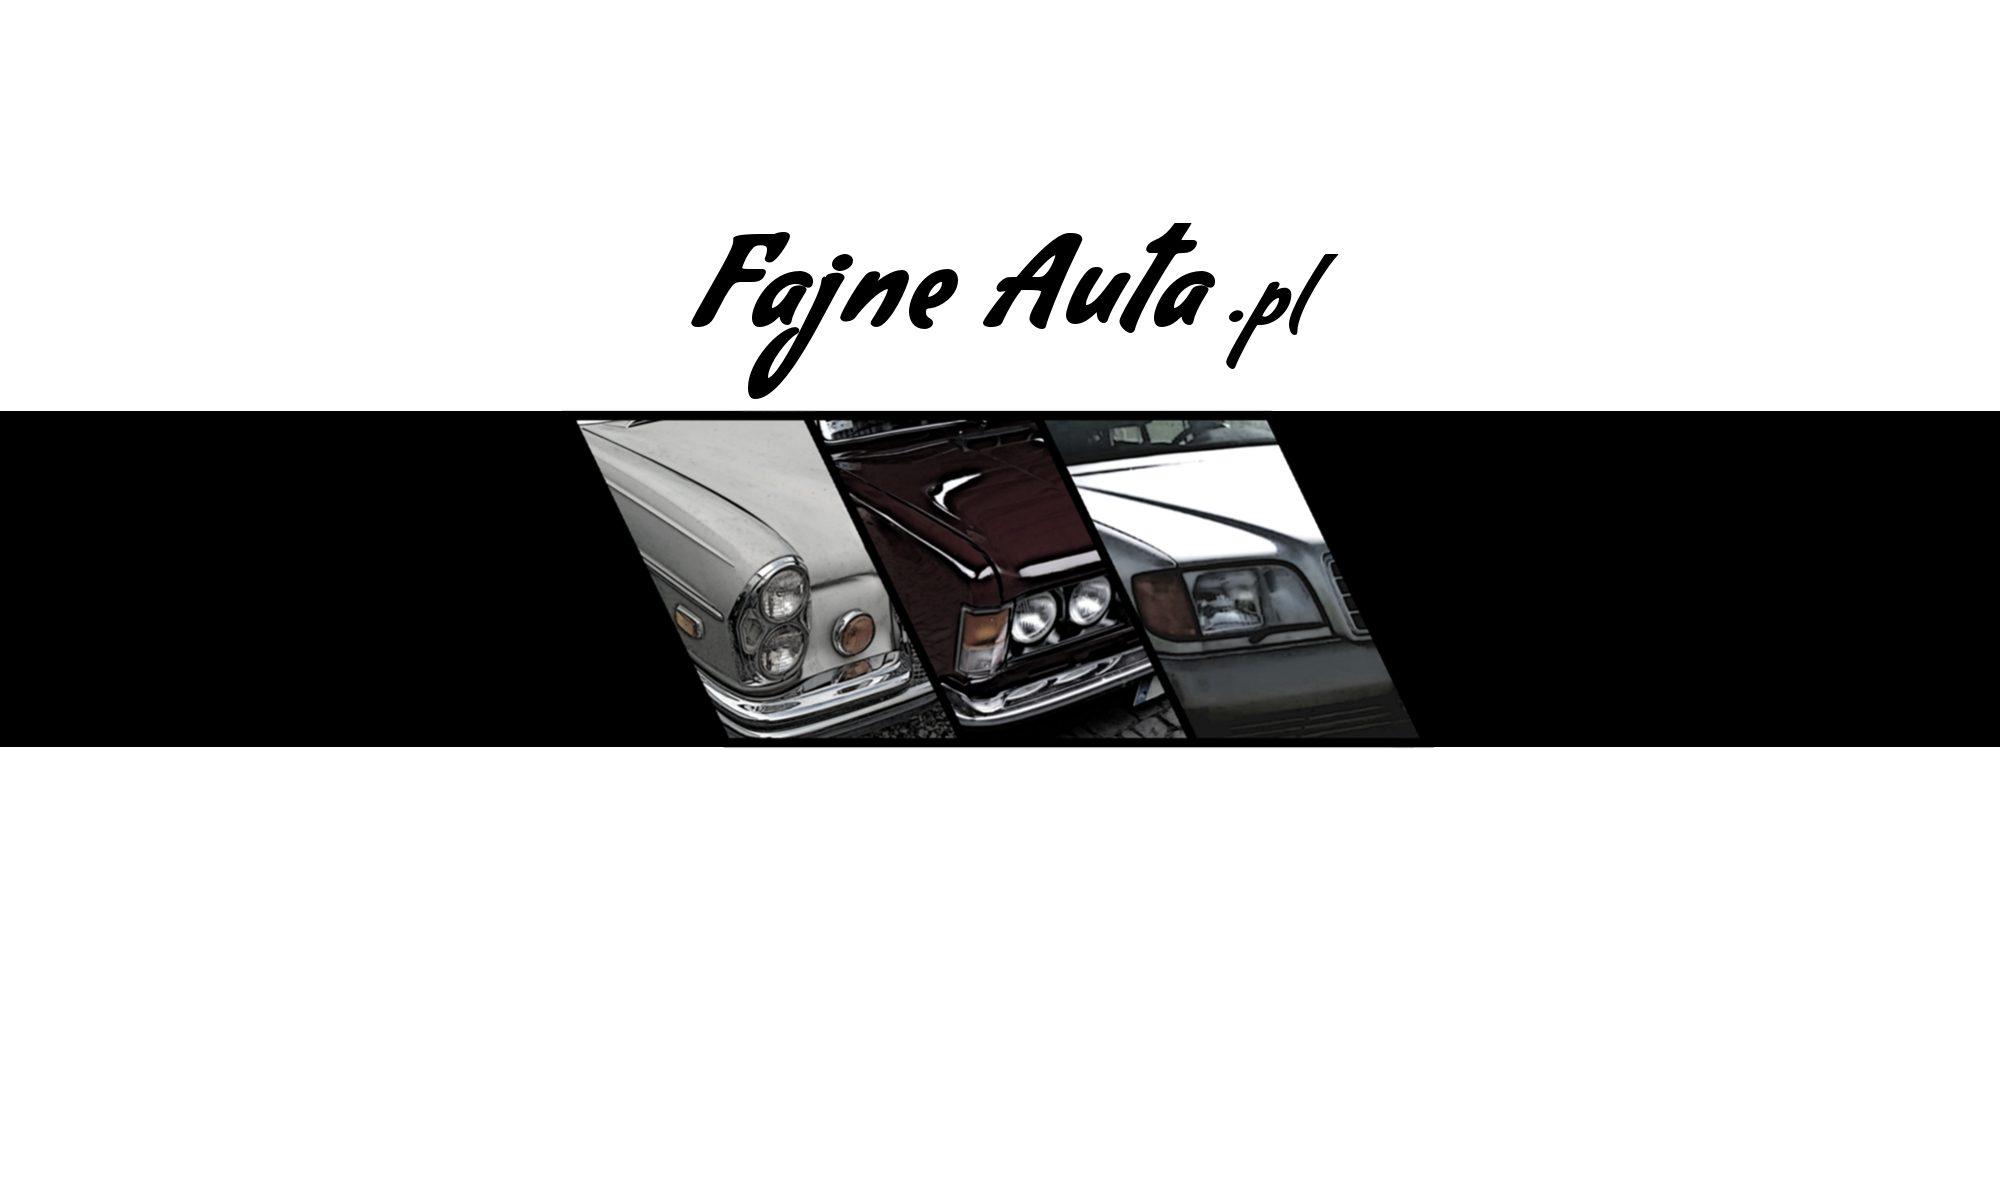 FajneAuta.pl - Twój samochód do ślubu